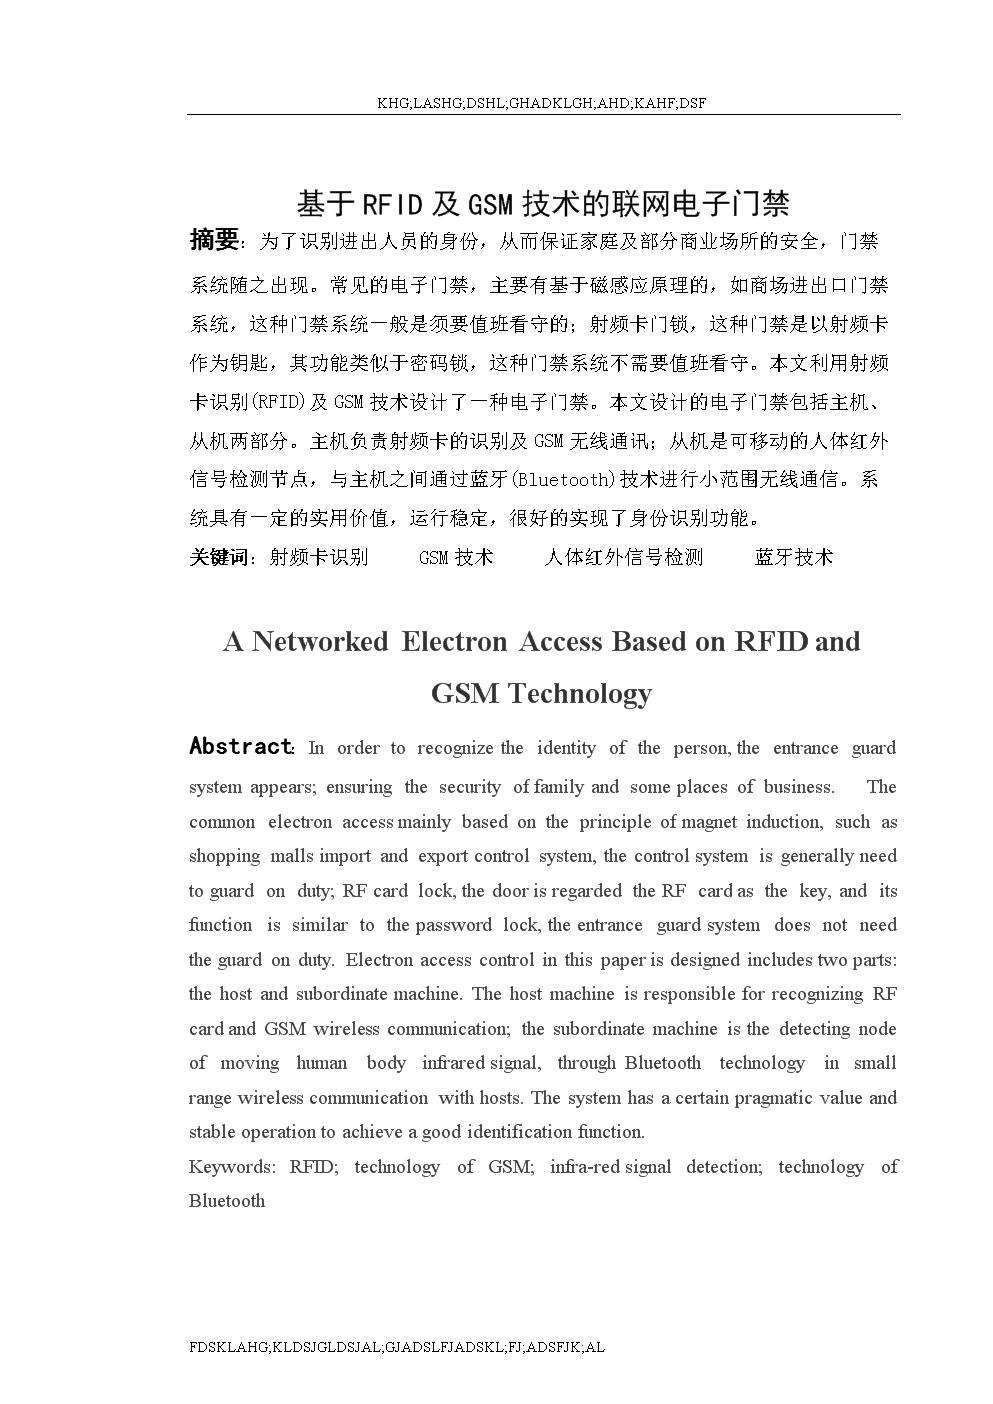 【毕业设计 】基于RFID及GSM技术的联网电子门禁的设计与开发.doc